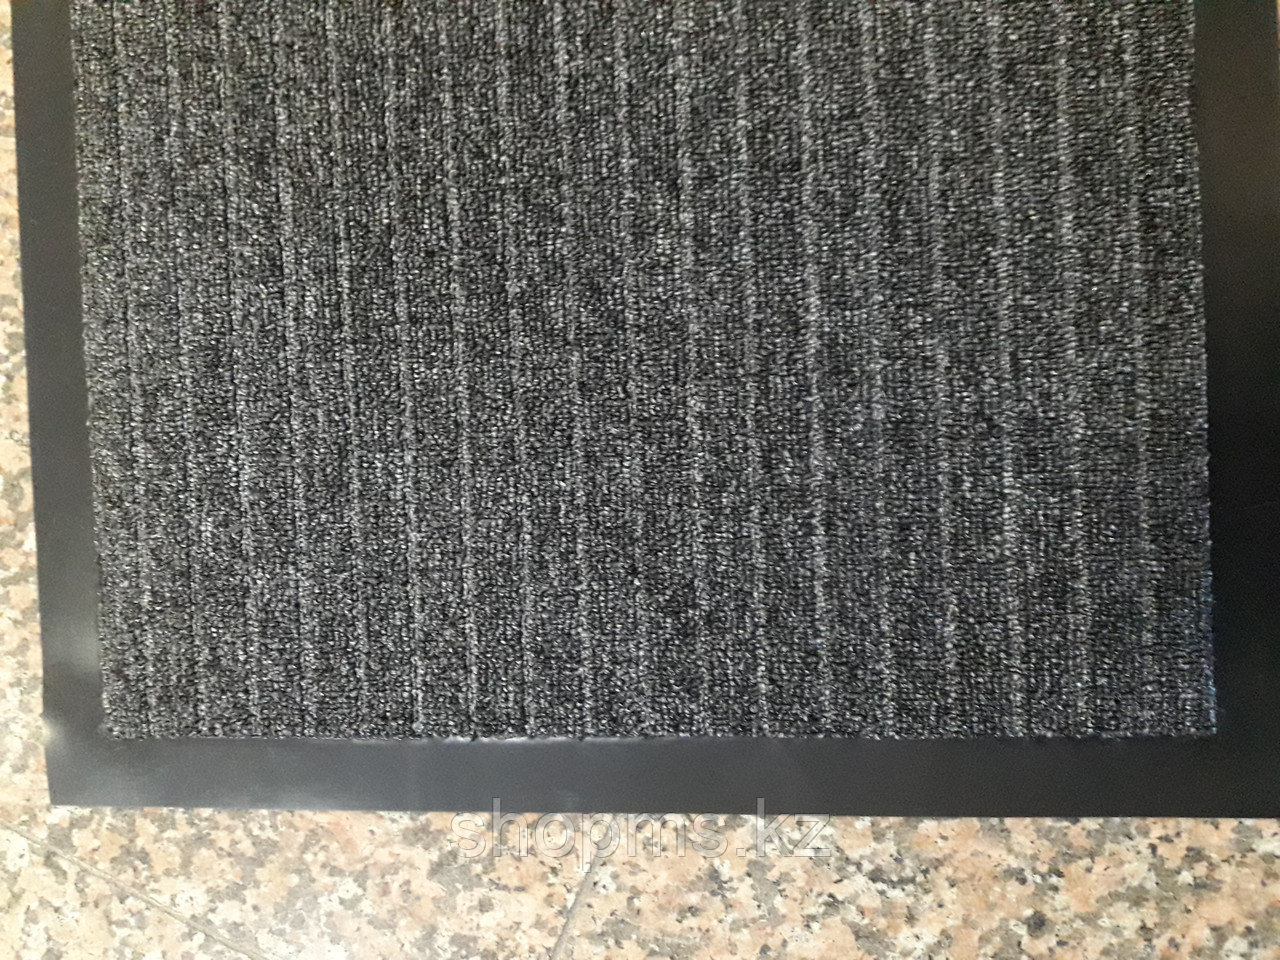 Коврик влаговпитывающий Штудгарт серый 50*80 см